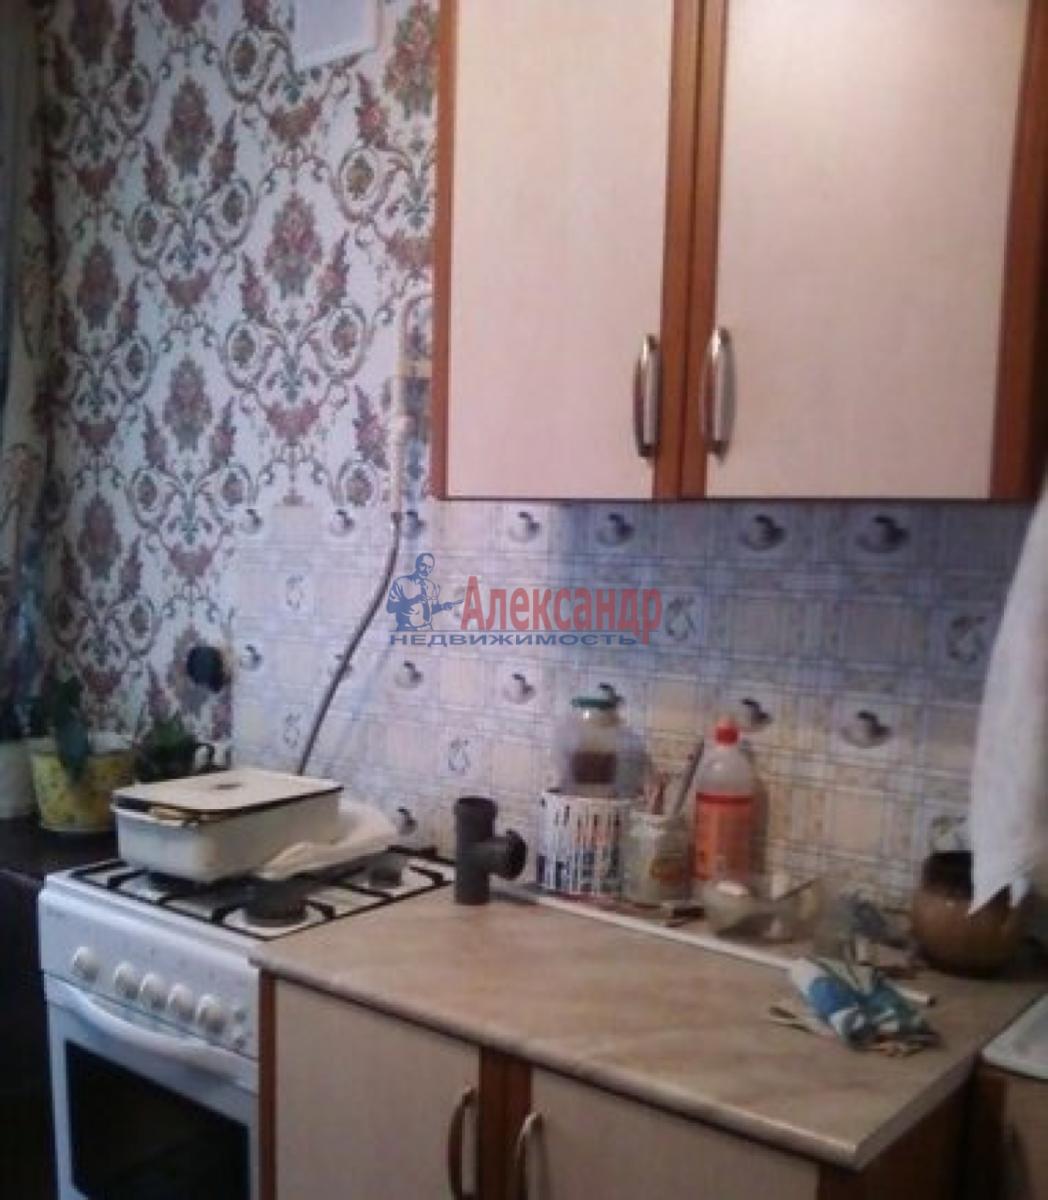 1-комнатная квартира (36м2) в аренду по адресу Двинская ул., 14— фото 1 из 3